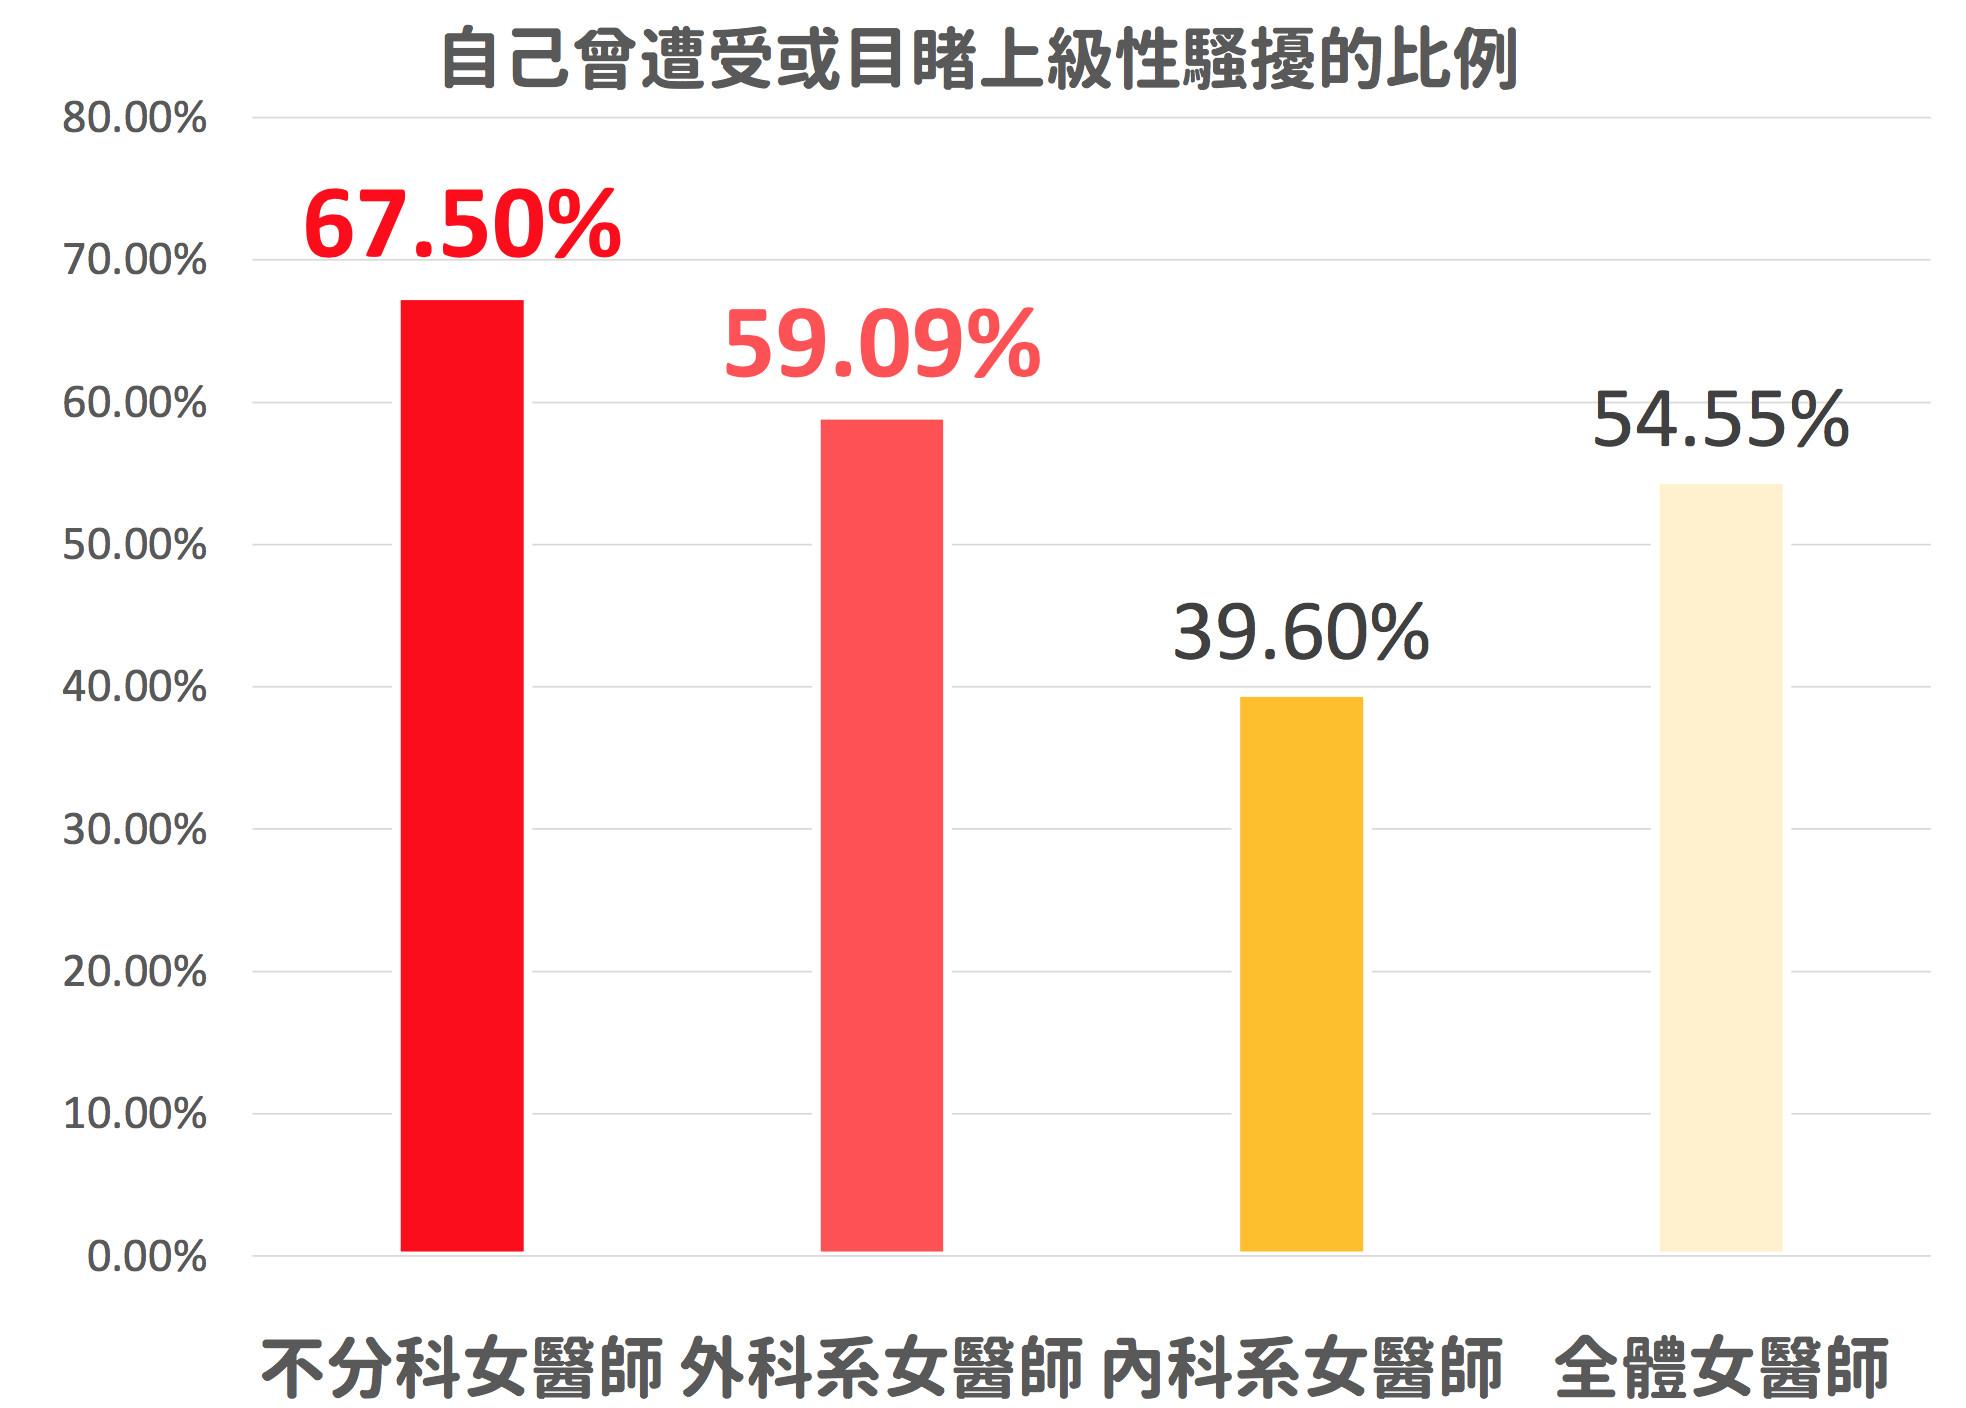 ▲55%女醫師曾目睹或受高層性騷擾 「職級越低」越嚴重!。(圖/醫勞小組提供)